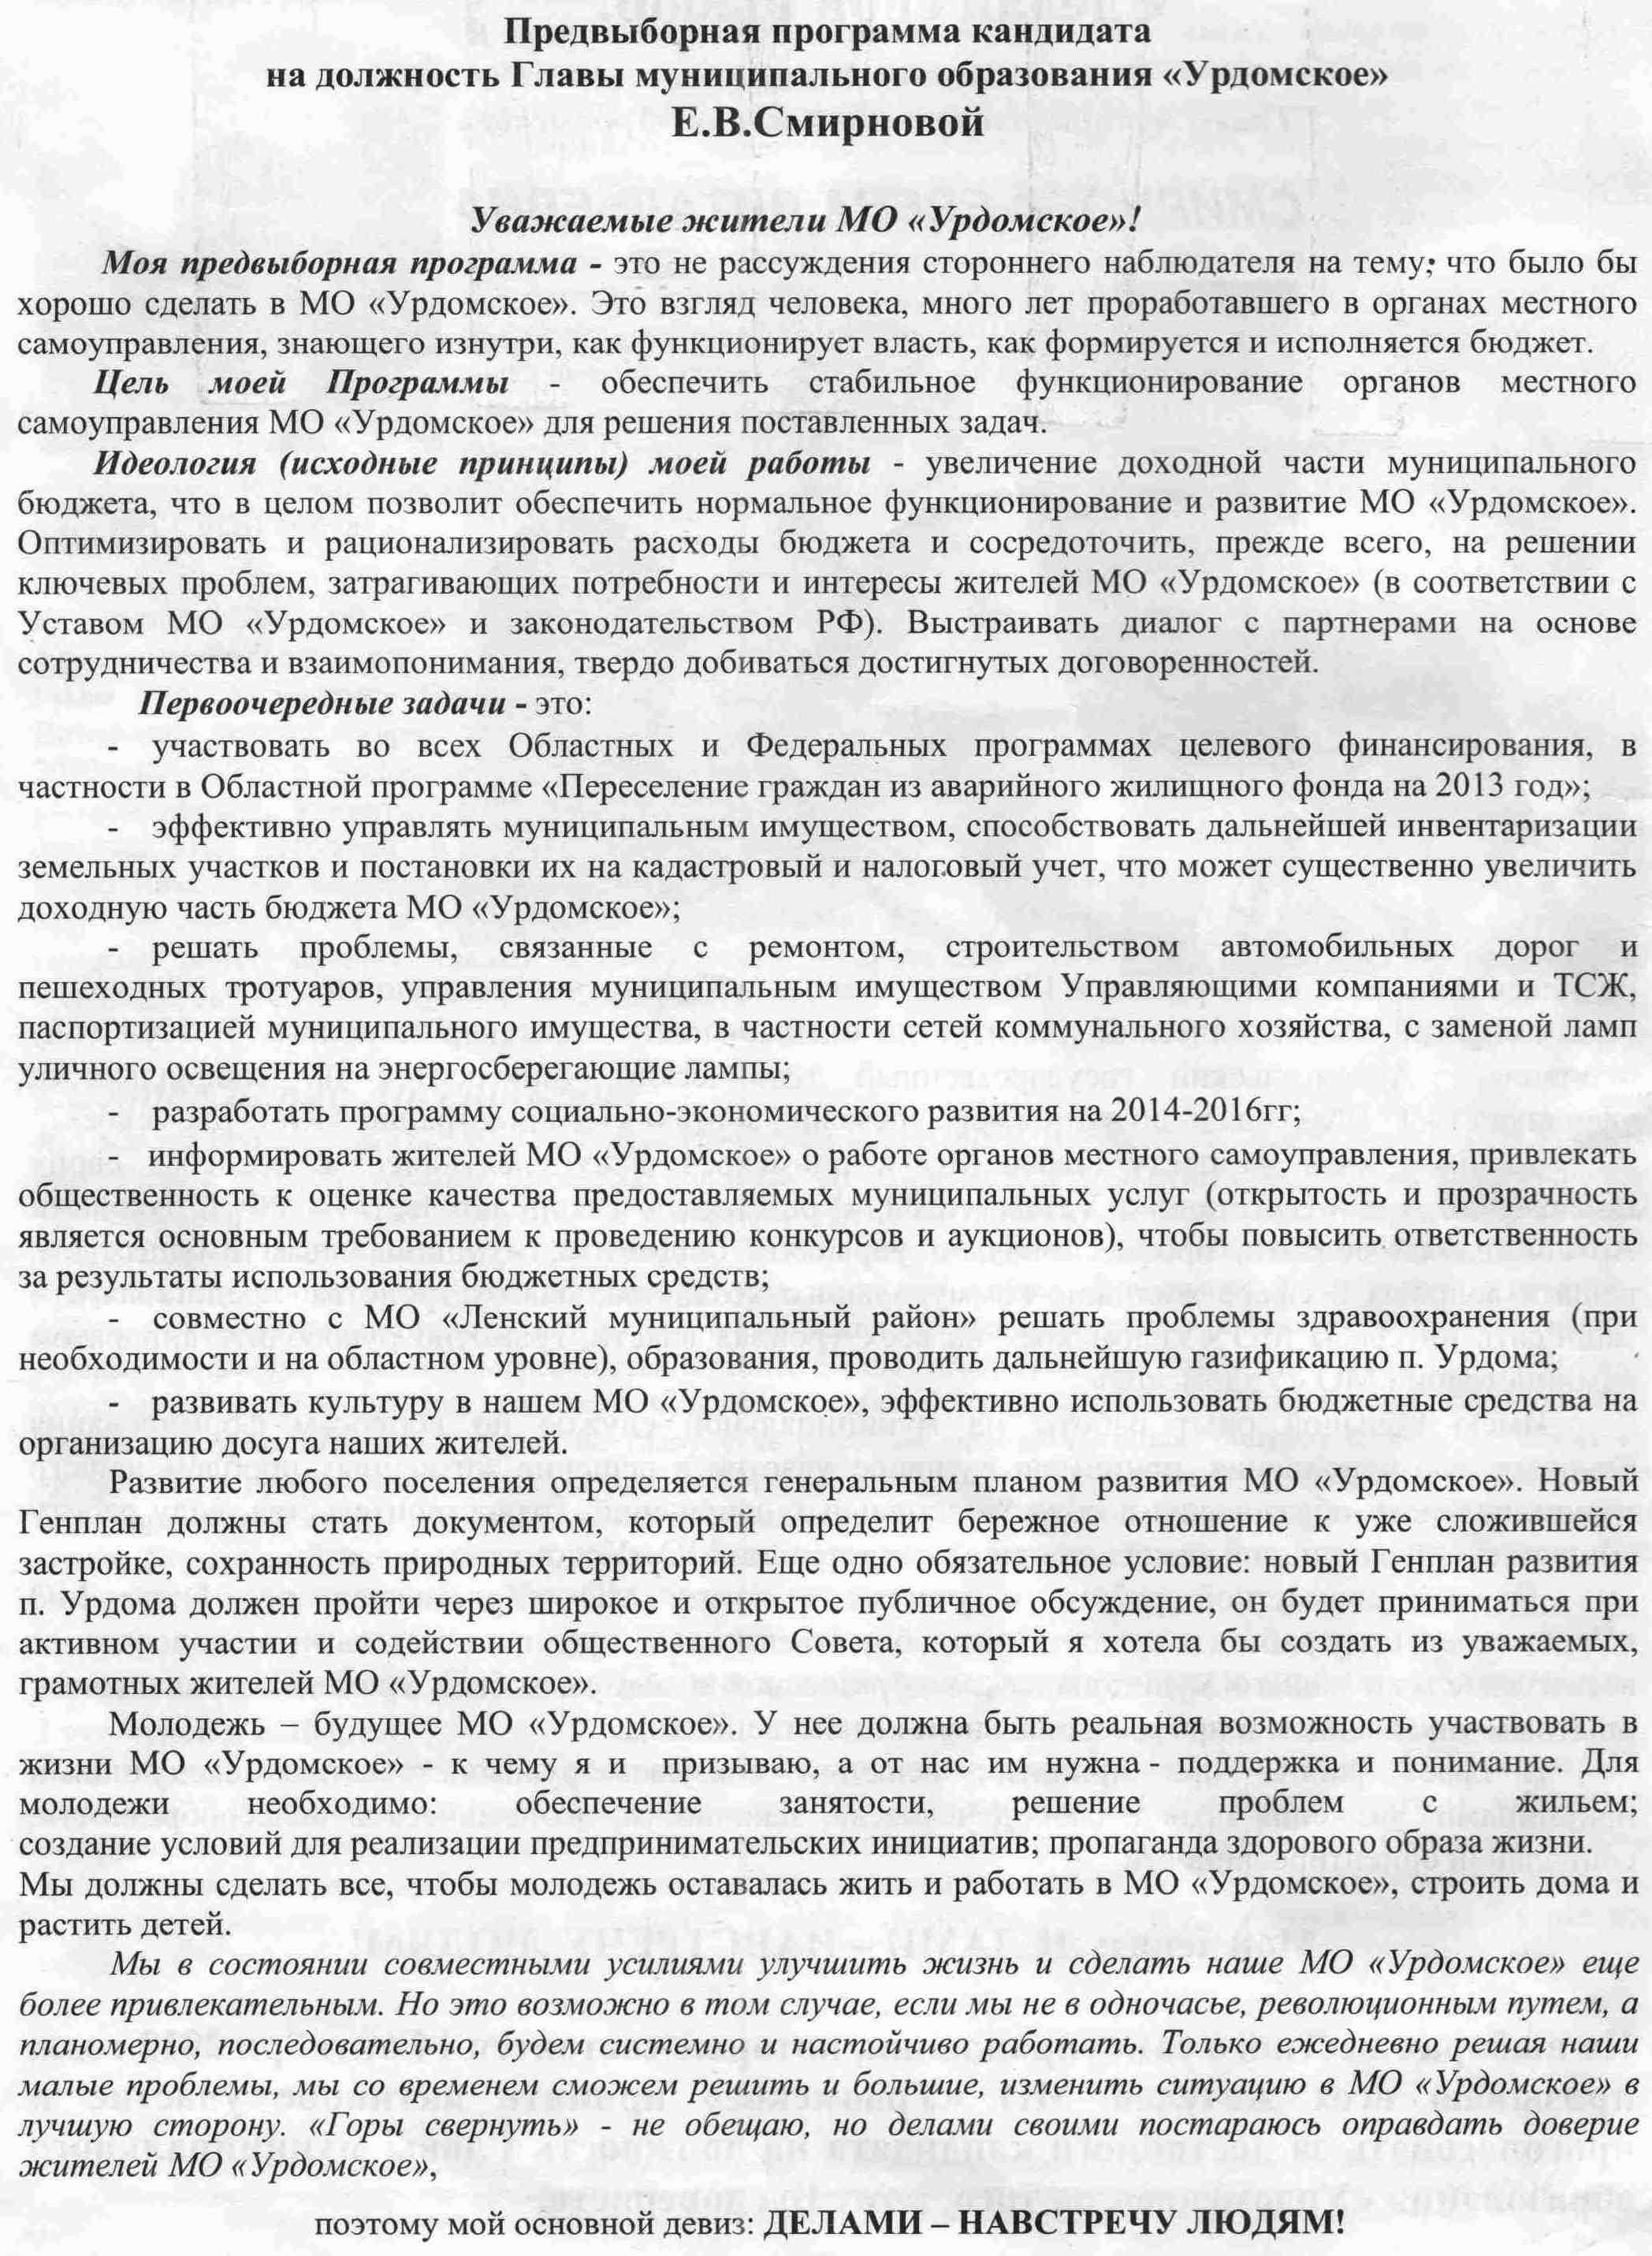 Смирнова ЕВ, кандидат (1)